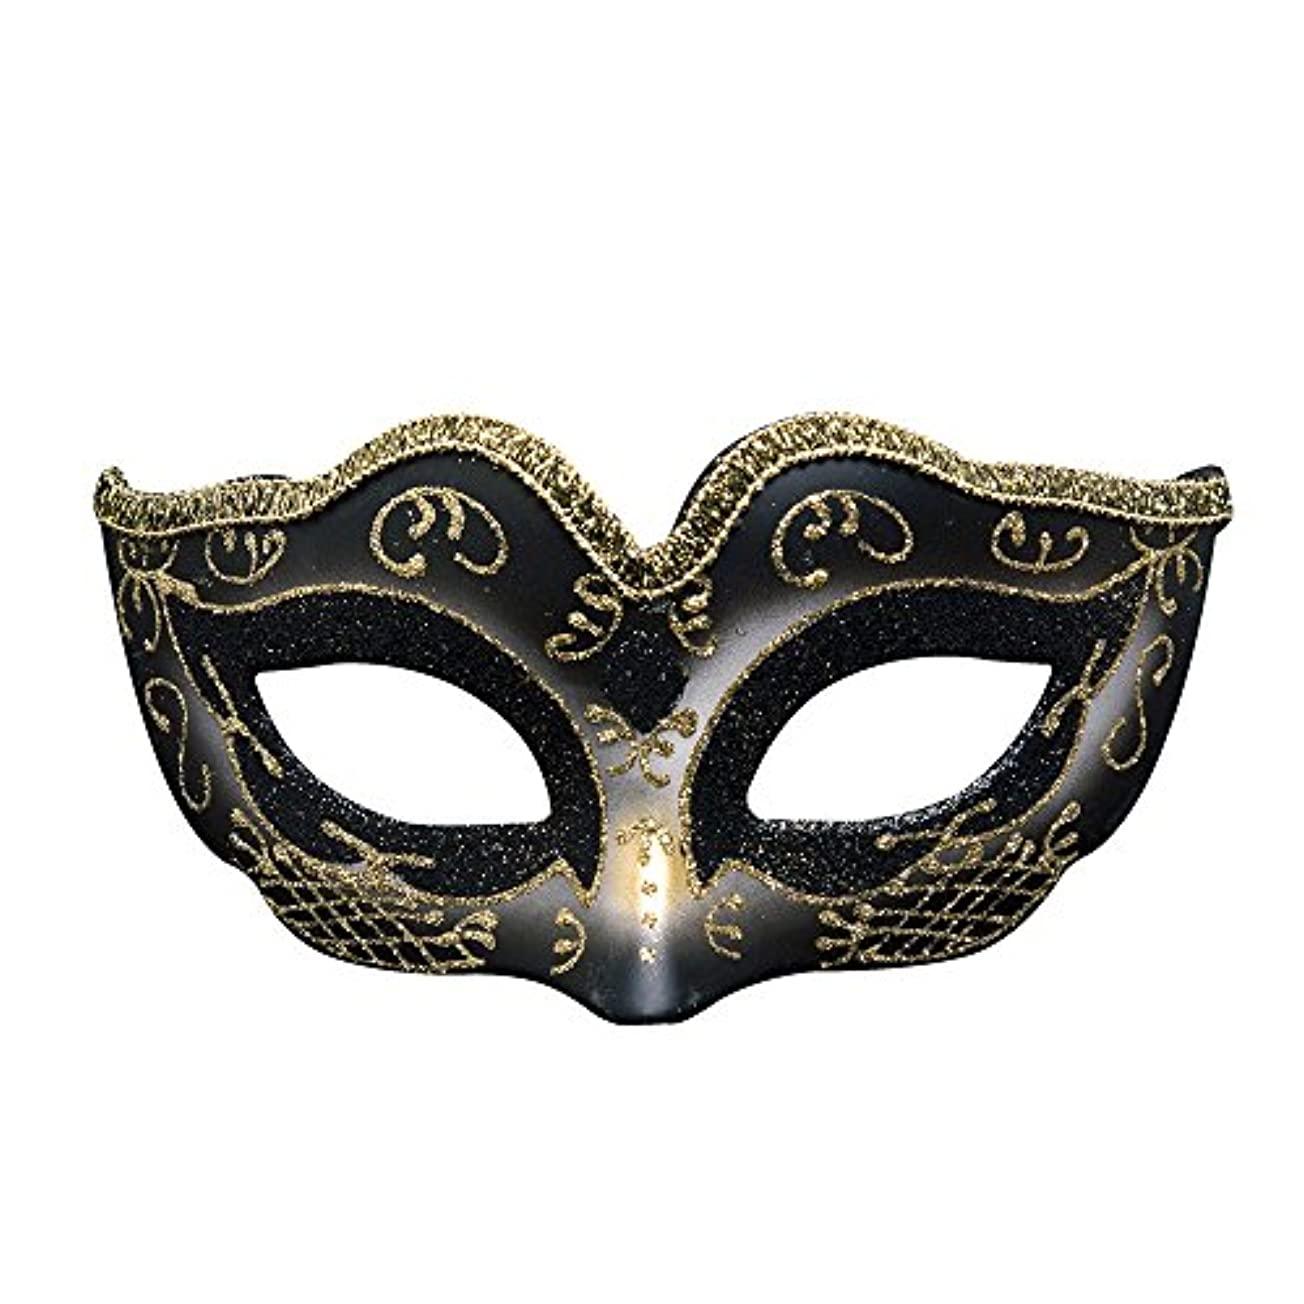 プレート学校の先生ノーブルクリエイティブキッズマスカレードパーティーハロウィンマスククリスマス雰囲気マスク (Color : #1)